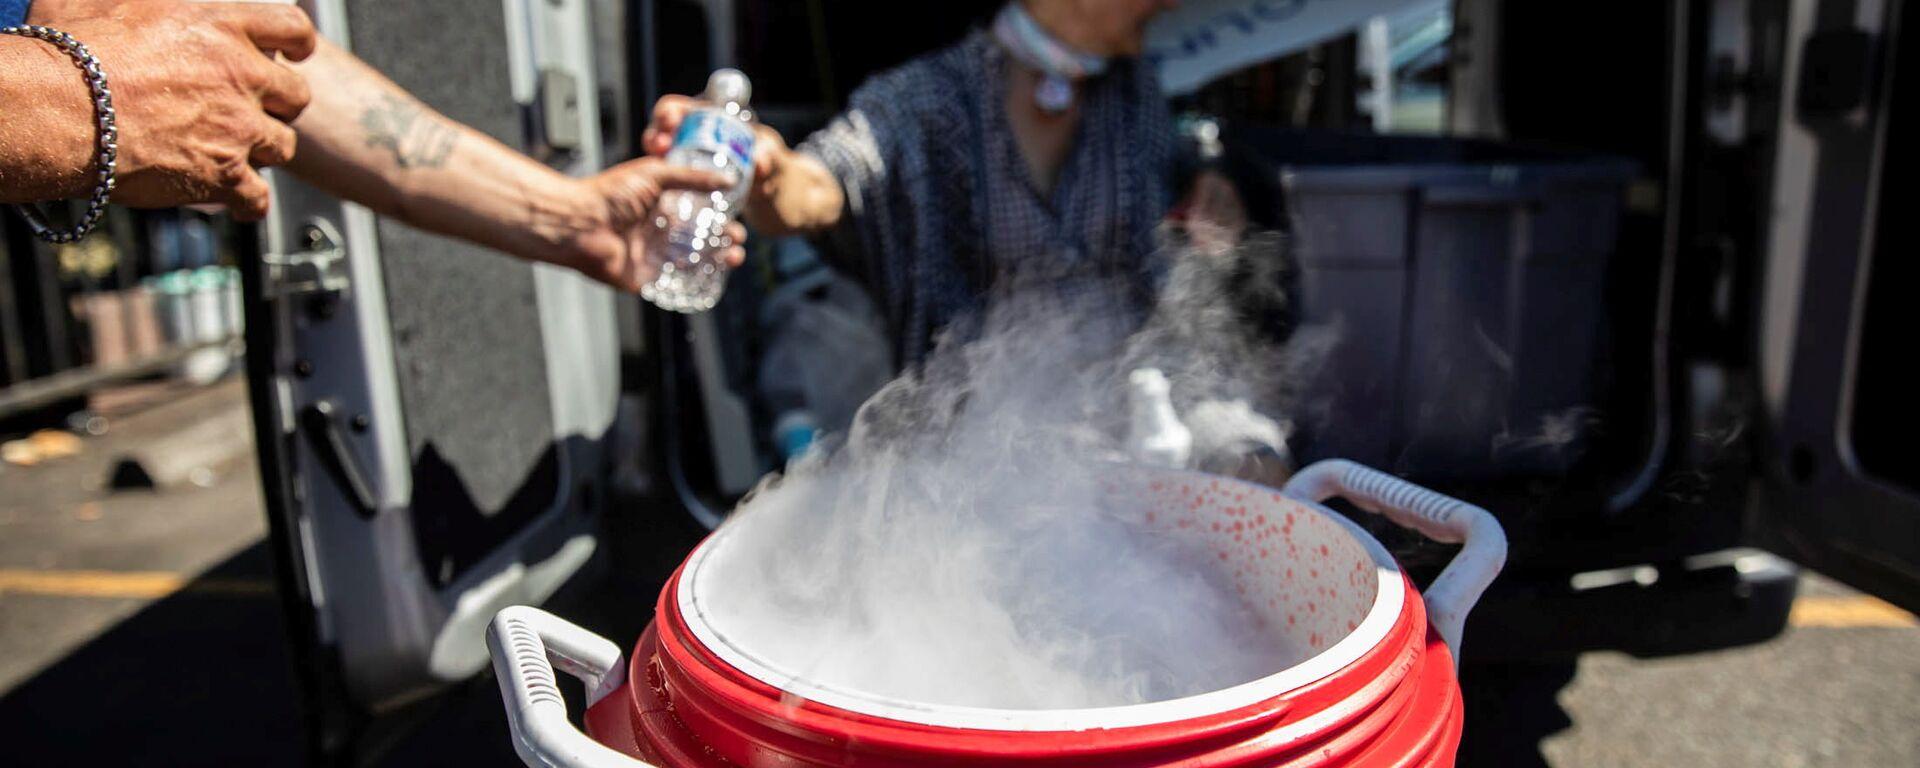 Ludzie używają suchego lodu do chłodzenia wody podczas bezprecedensowego upału w Portland w stanie Oregon w USA - Sputnik Polska, 1920, 01.07.2021